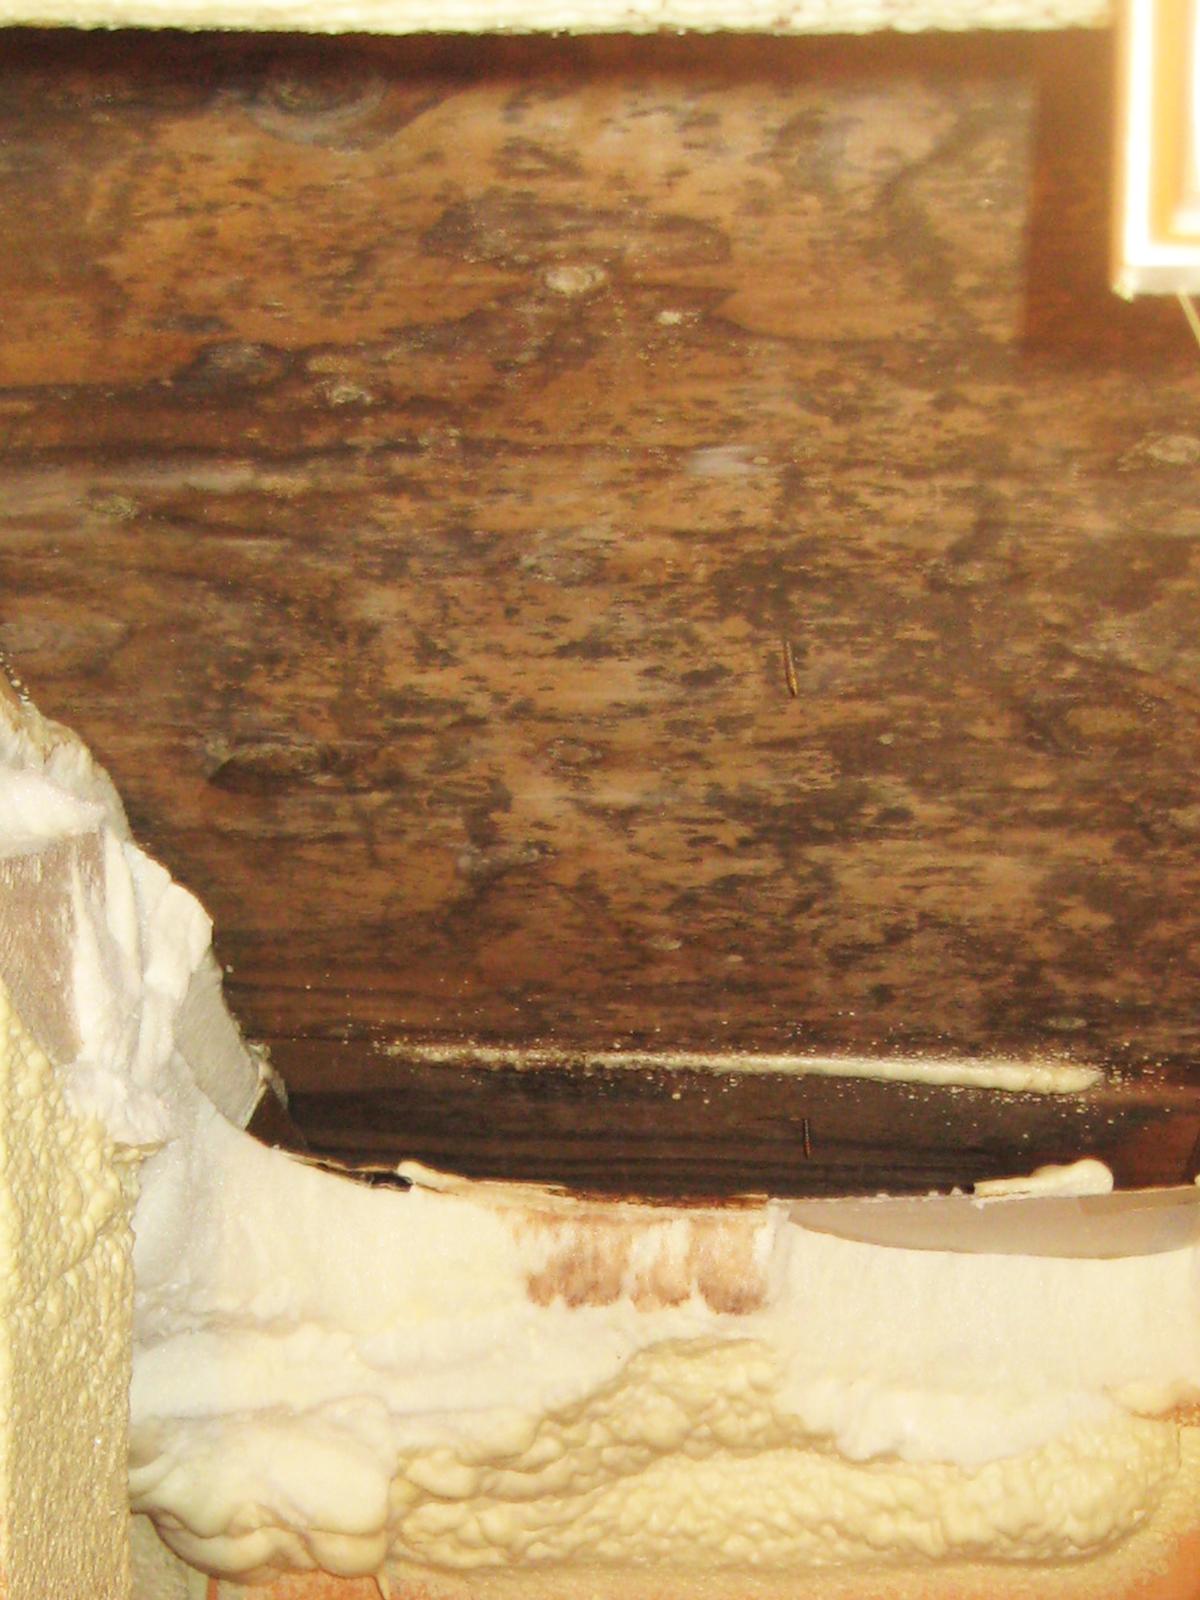 室内の漆喰や珪藻土に発生するカビ(家の外壁部分の場合)